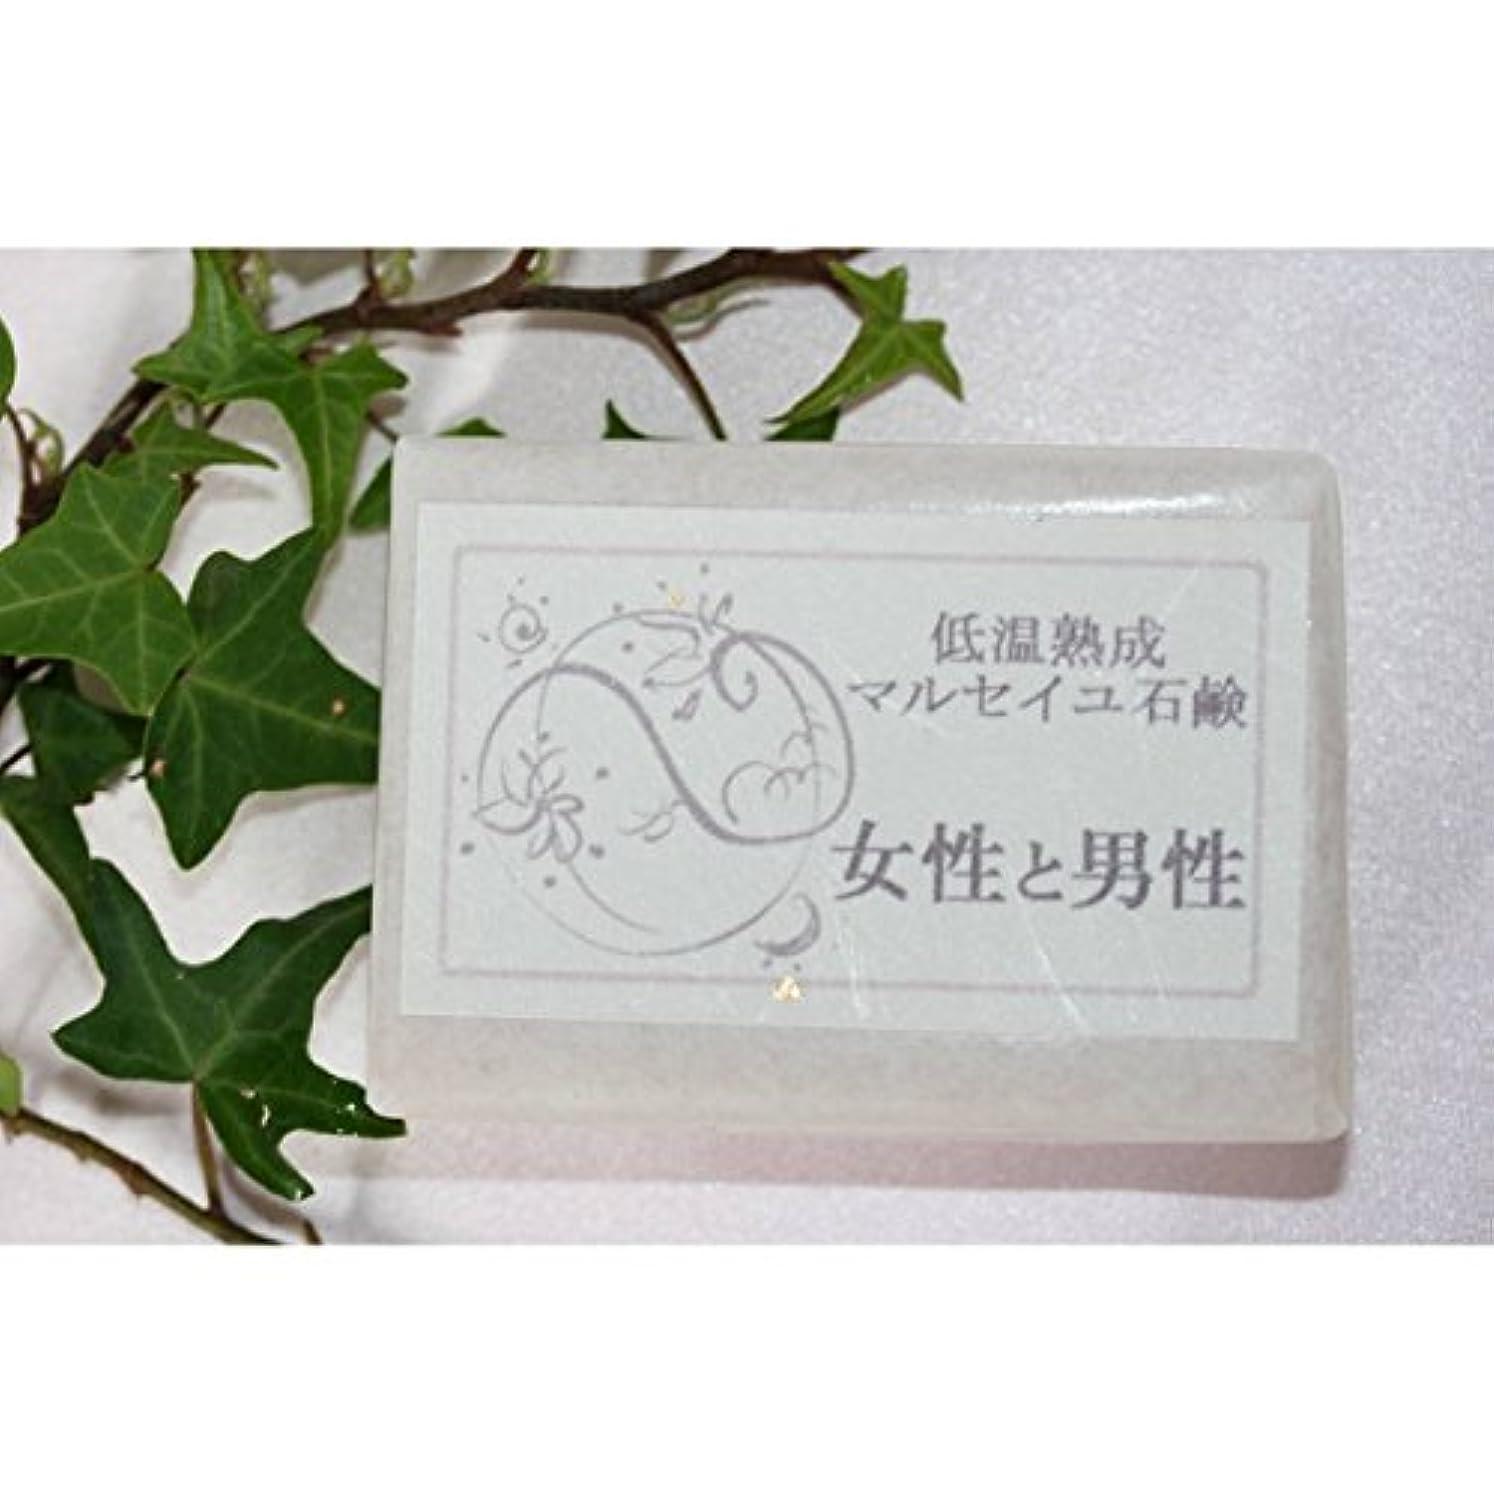 チップパレードシュリンクマウントフジ フラワーエッセンス 低温熟成 マルセイユ石鹸 「女性と男性」 (MTFUJI FLOWER ESSENCES)